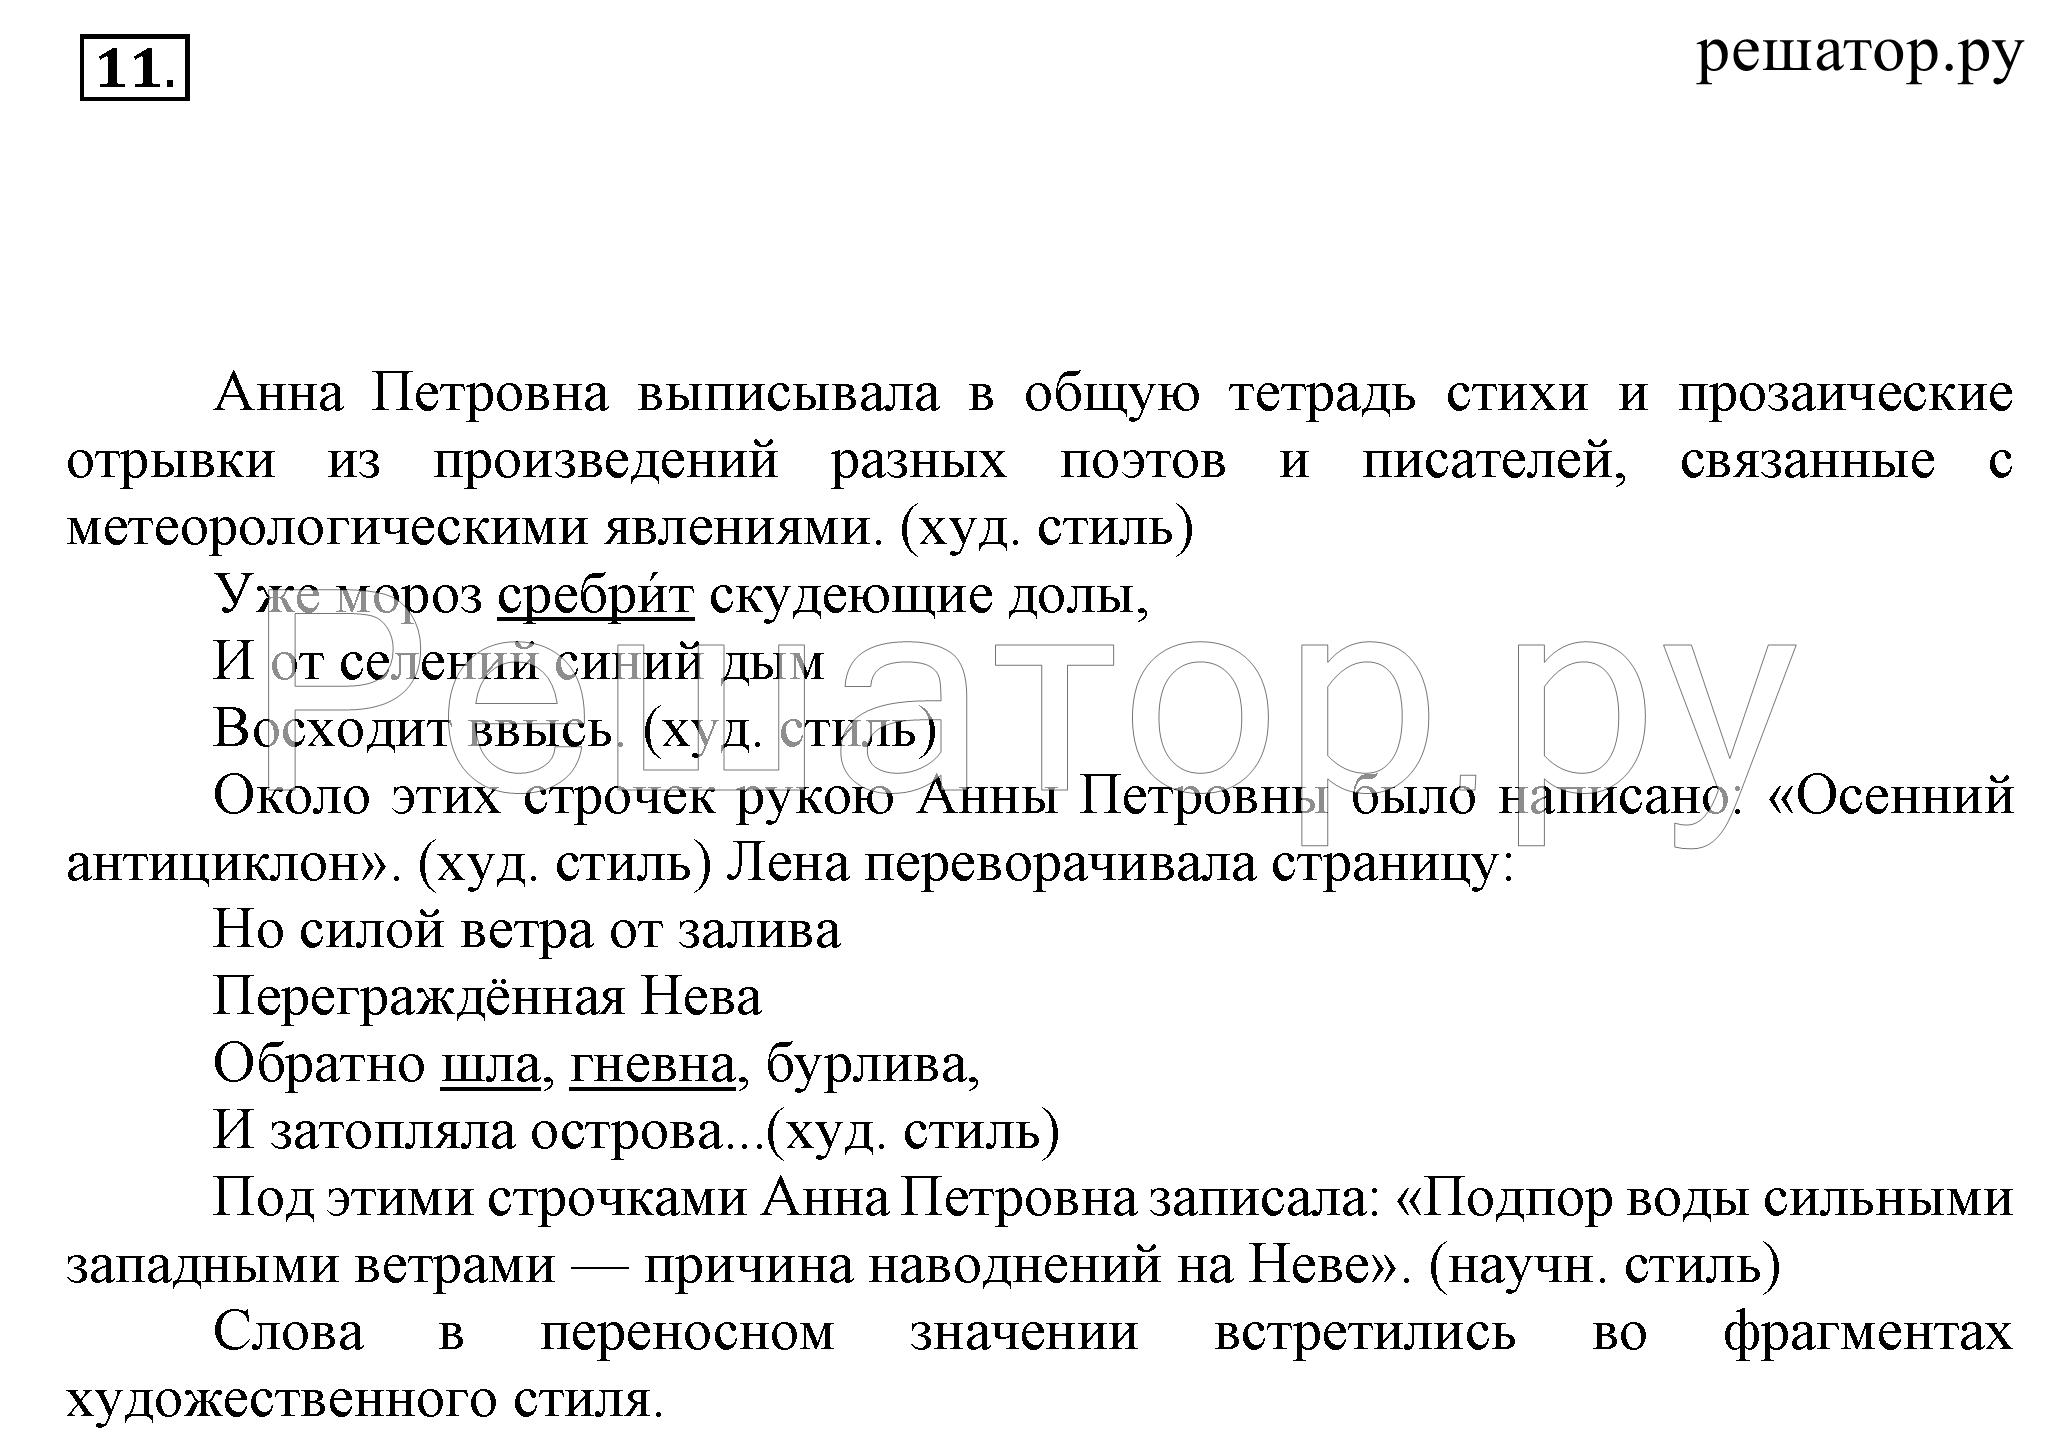 Готовые домашние задания по русскому языку за 7 класс разумовская дрофа 2018 год